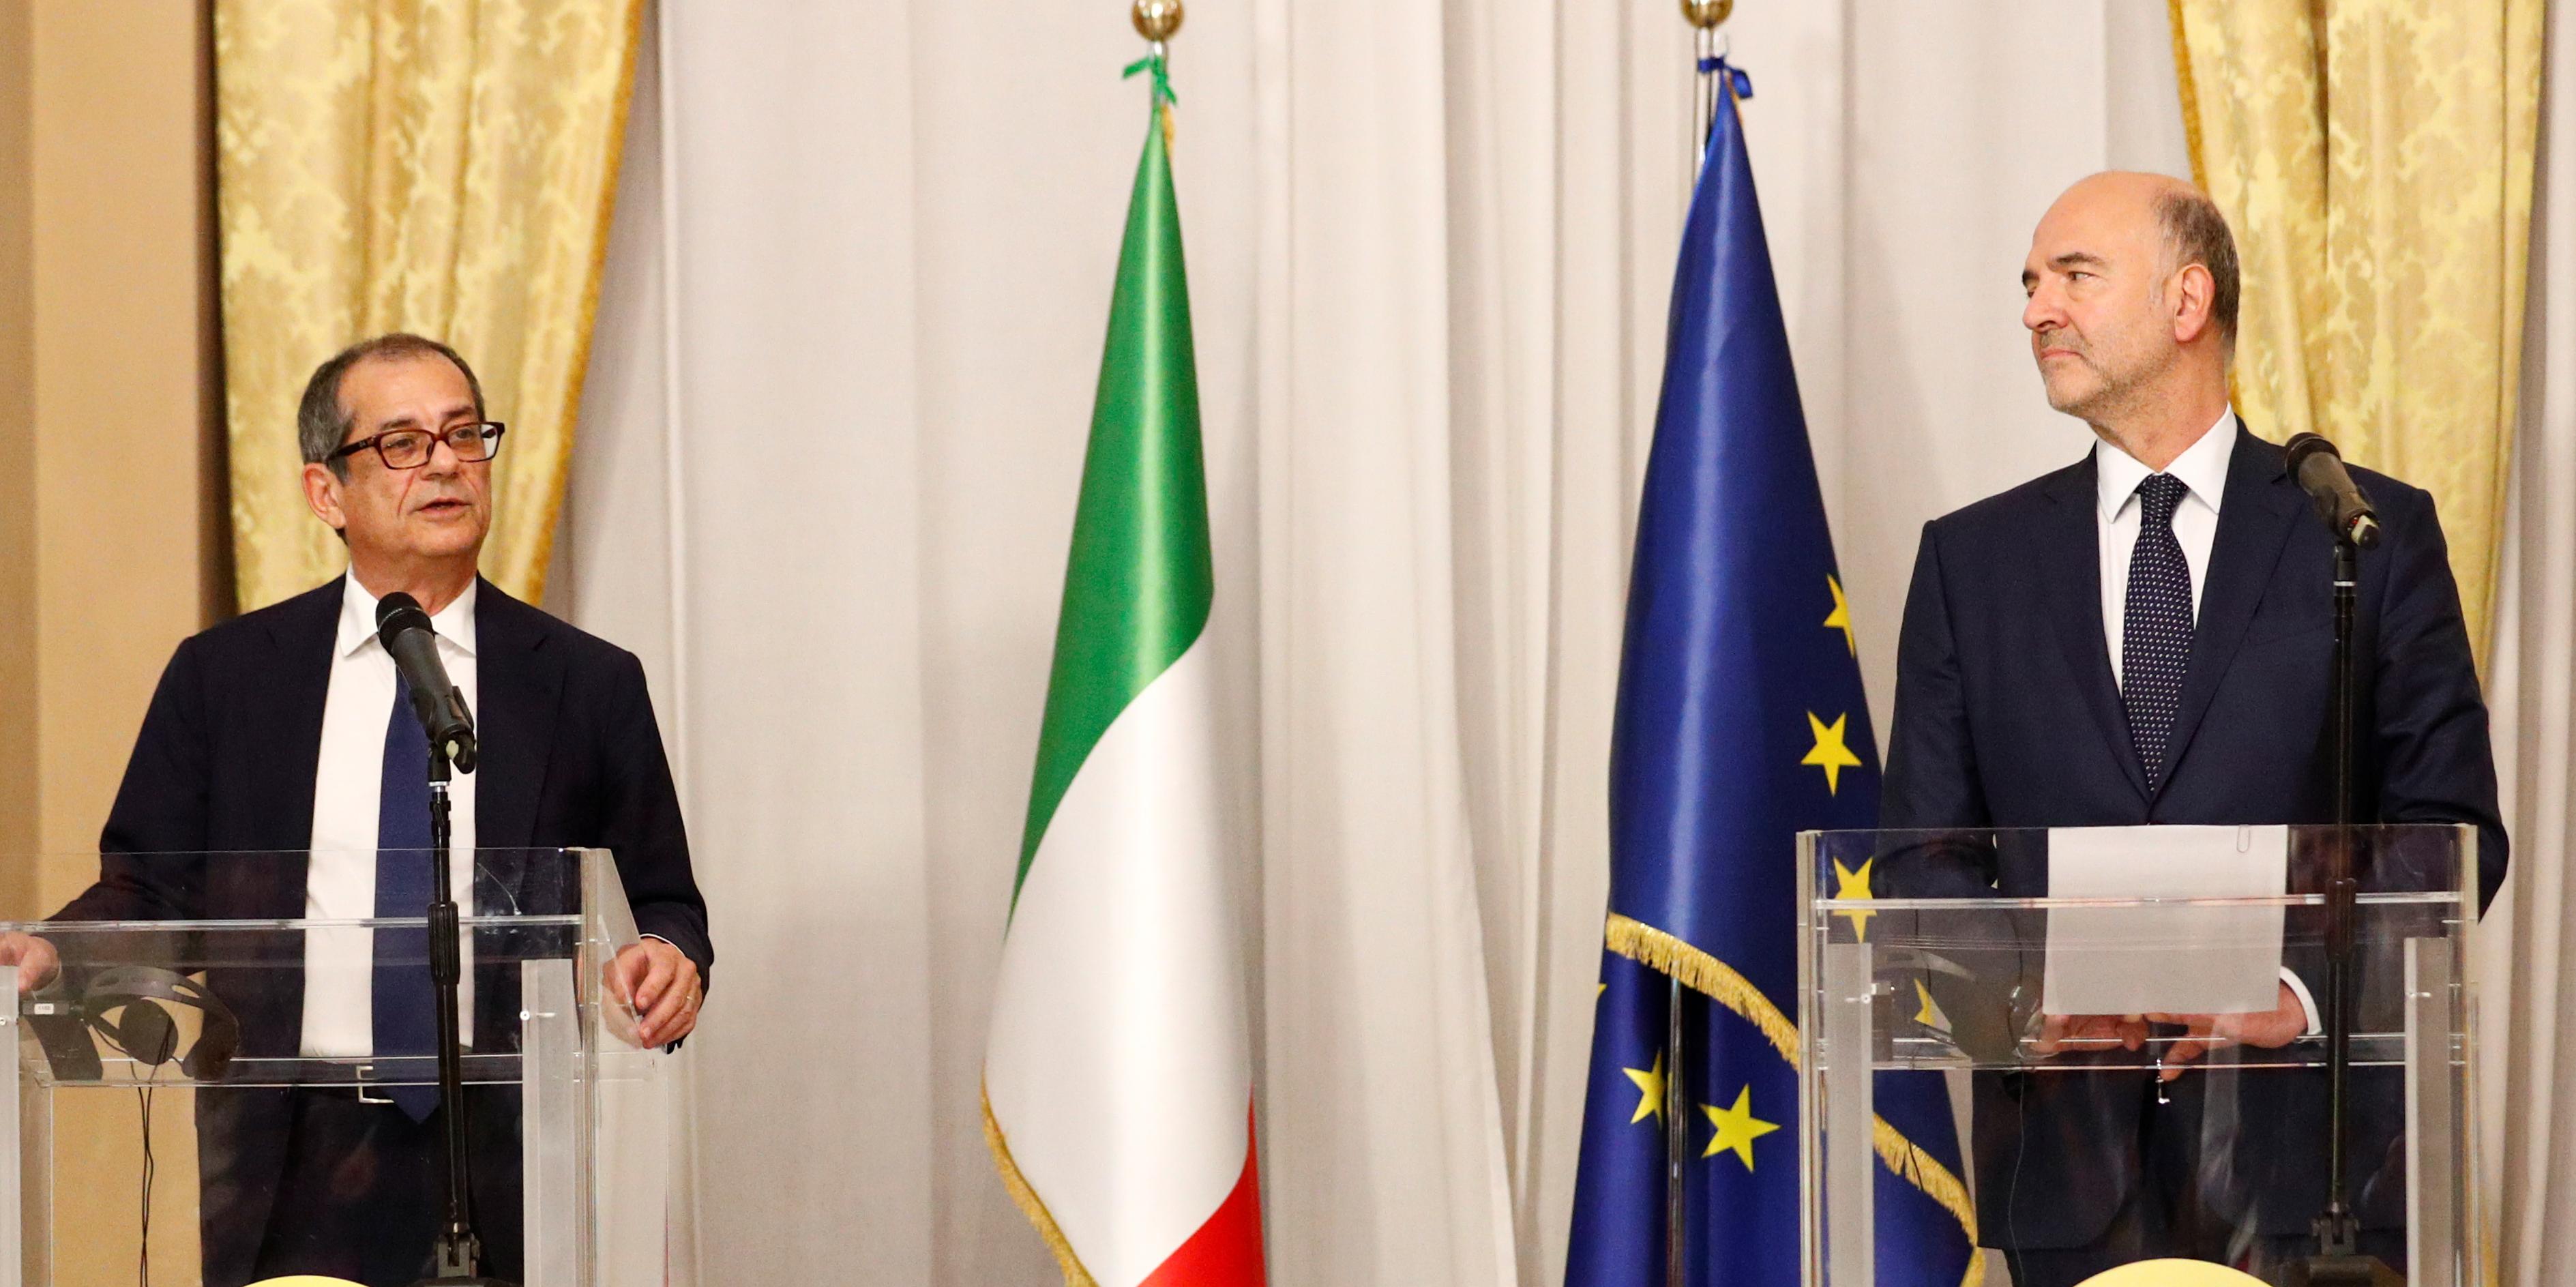 L'Union européenne exige que l'Italie revoie son projet de budget 2019